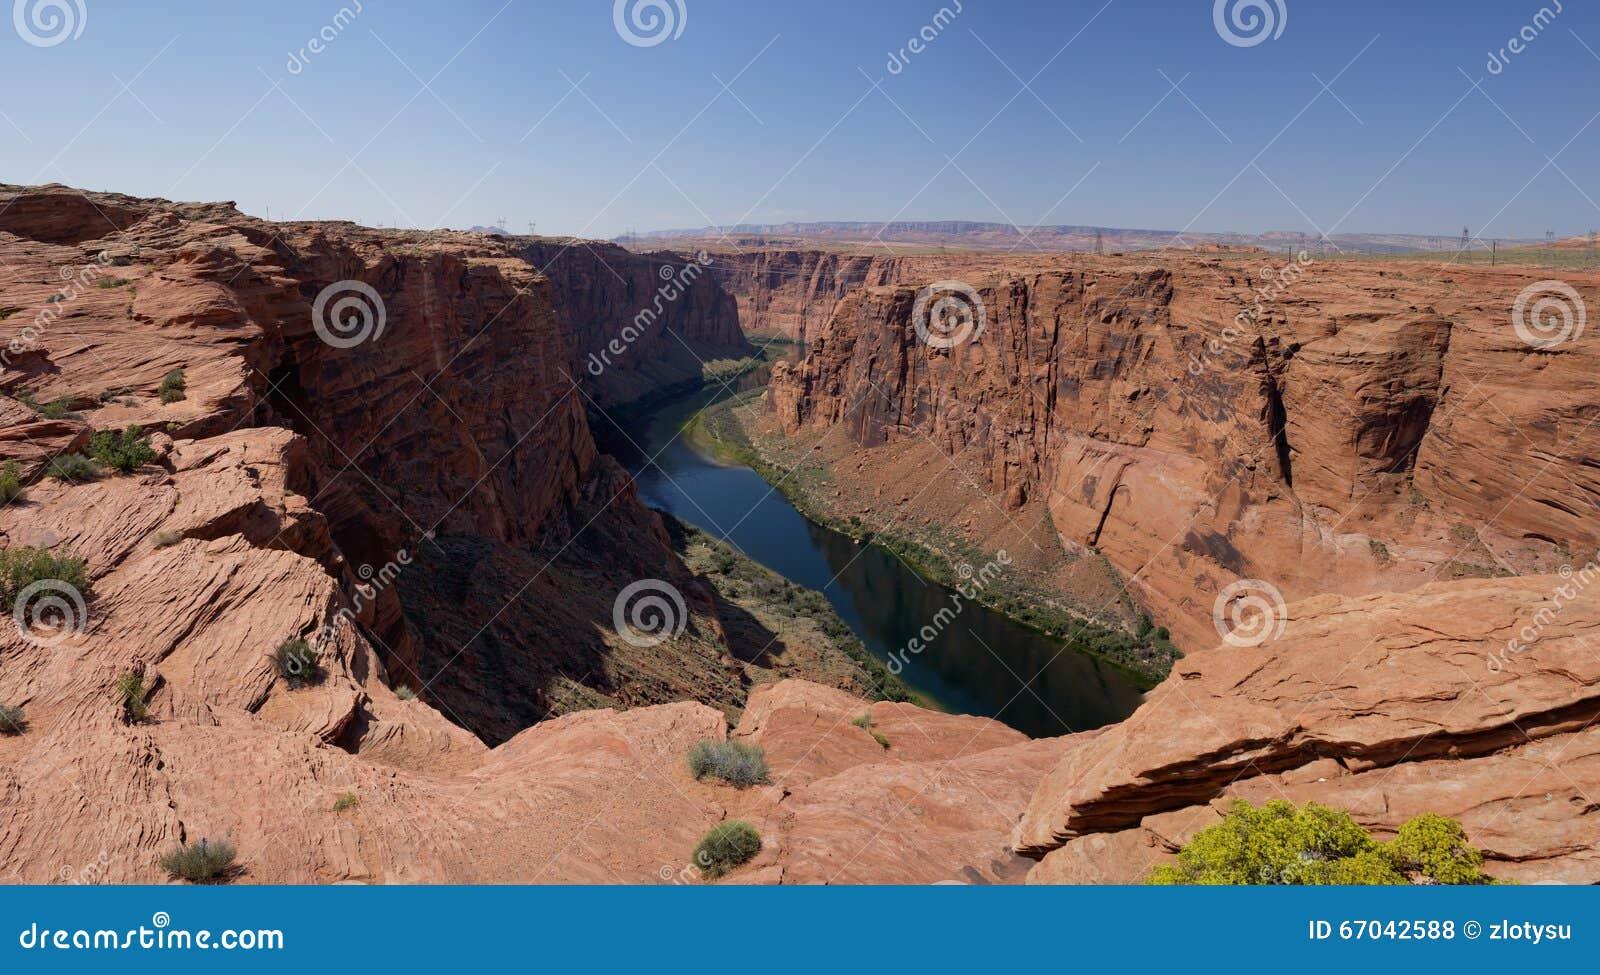 Colorado River in Glen Canyon (Arizona, USA)